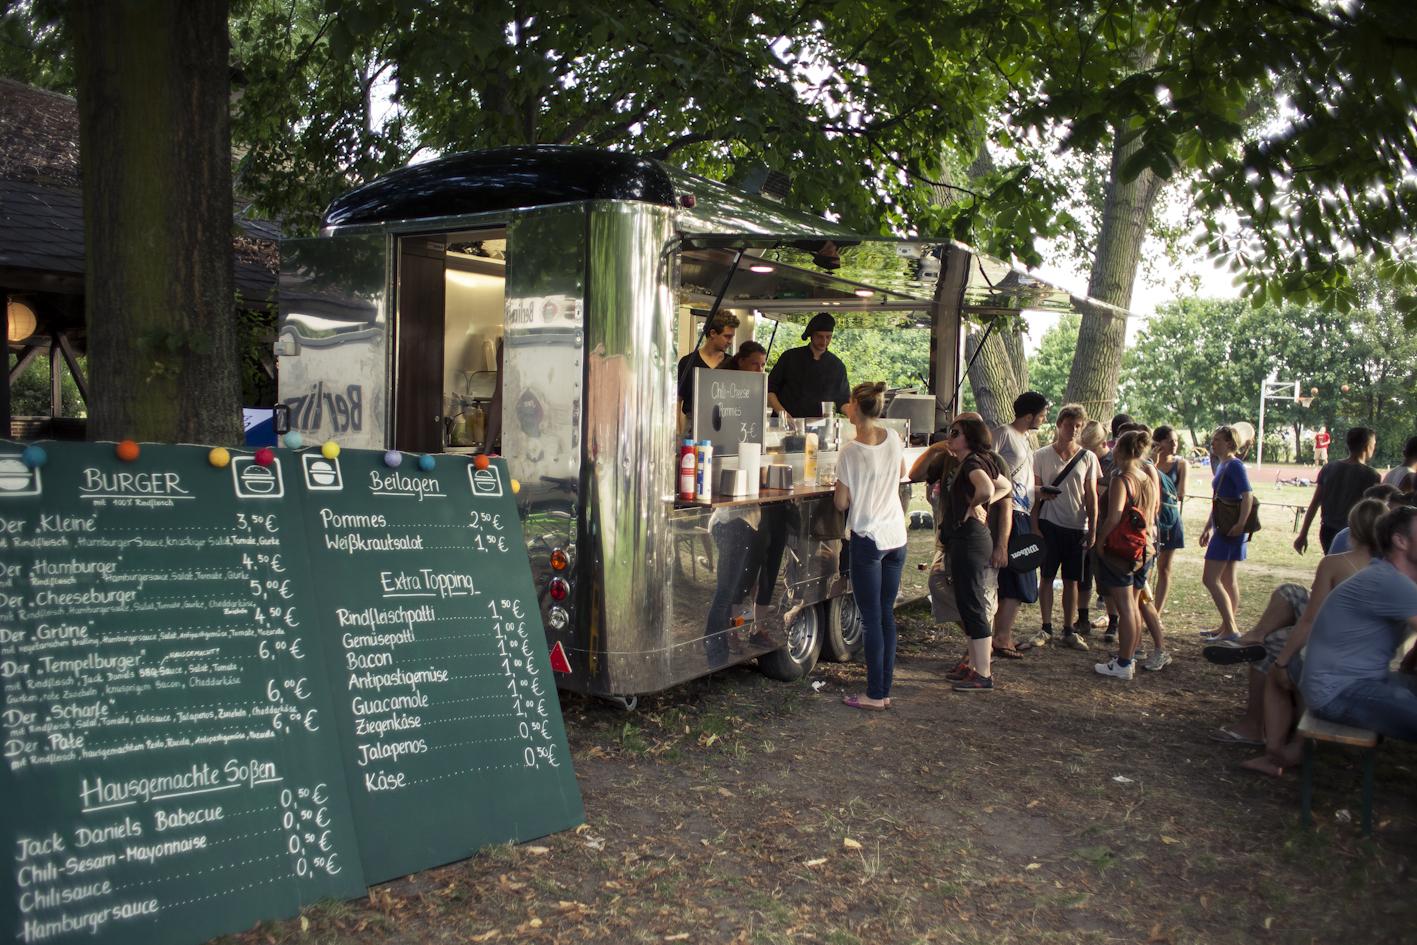 Der Retro-Wagen des Tempelburgers (Foto Tempelburger)